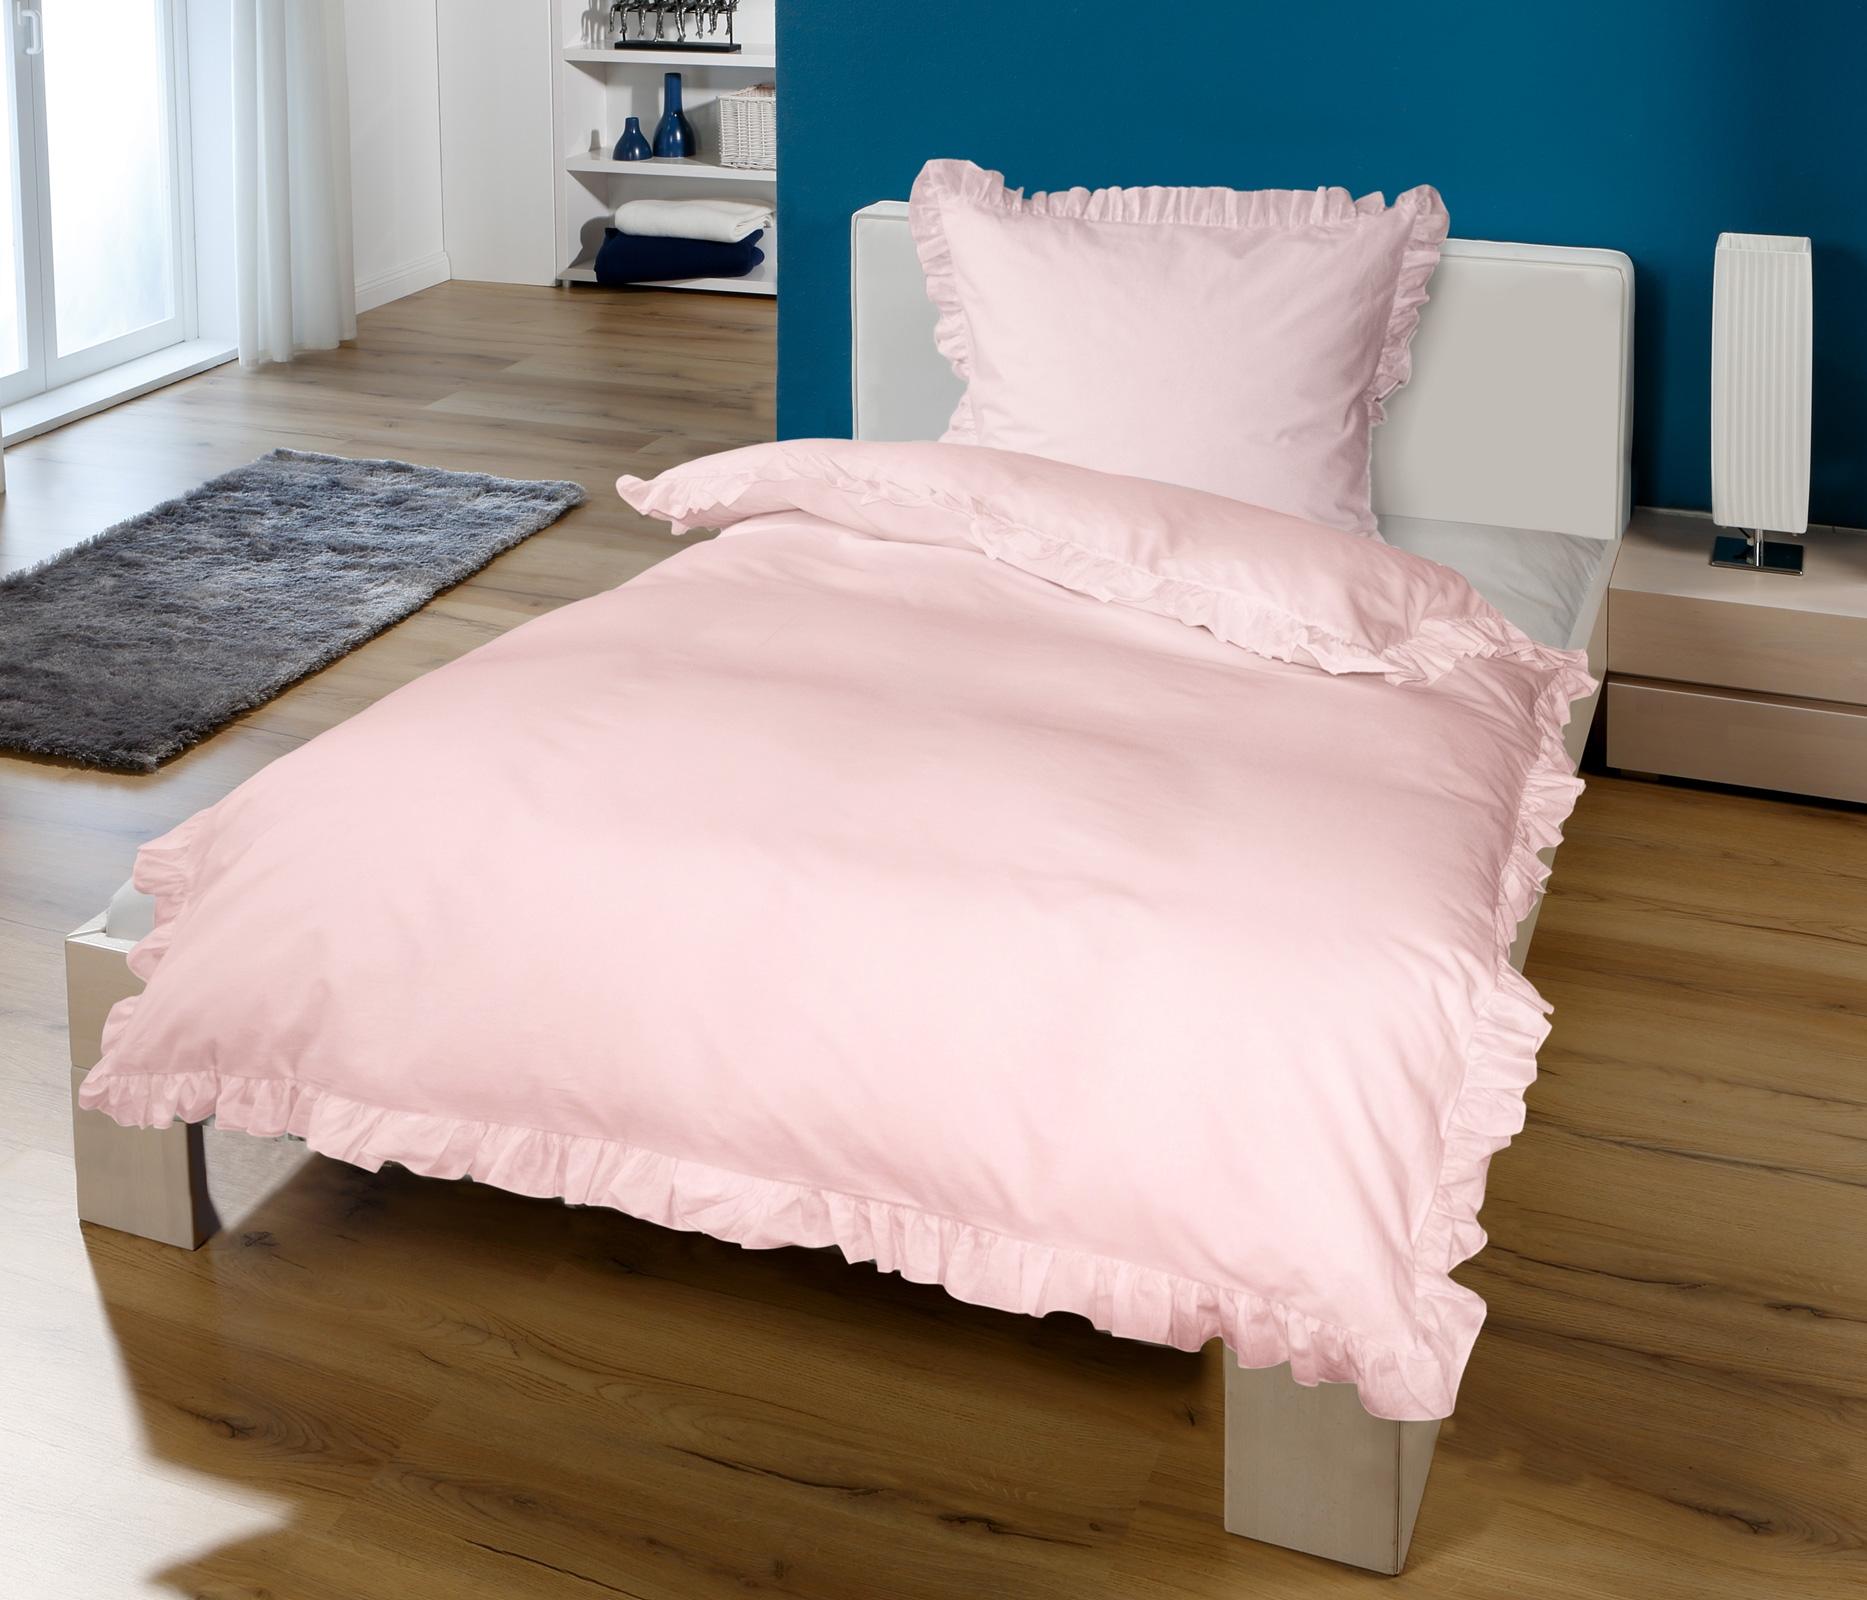 Bettwäsche - Goldmond Bettwäsche rosa mit Rüschen 135x200 80x80 von KBT  - Onlineshop PremiumShop321